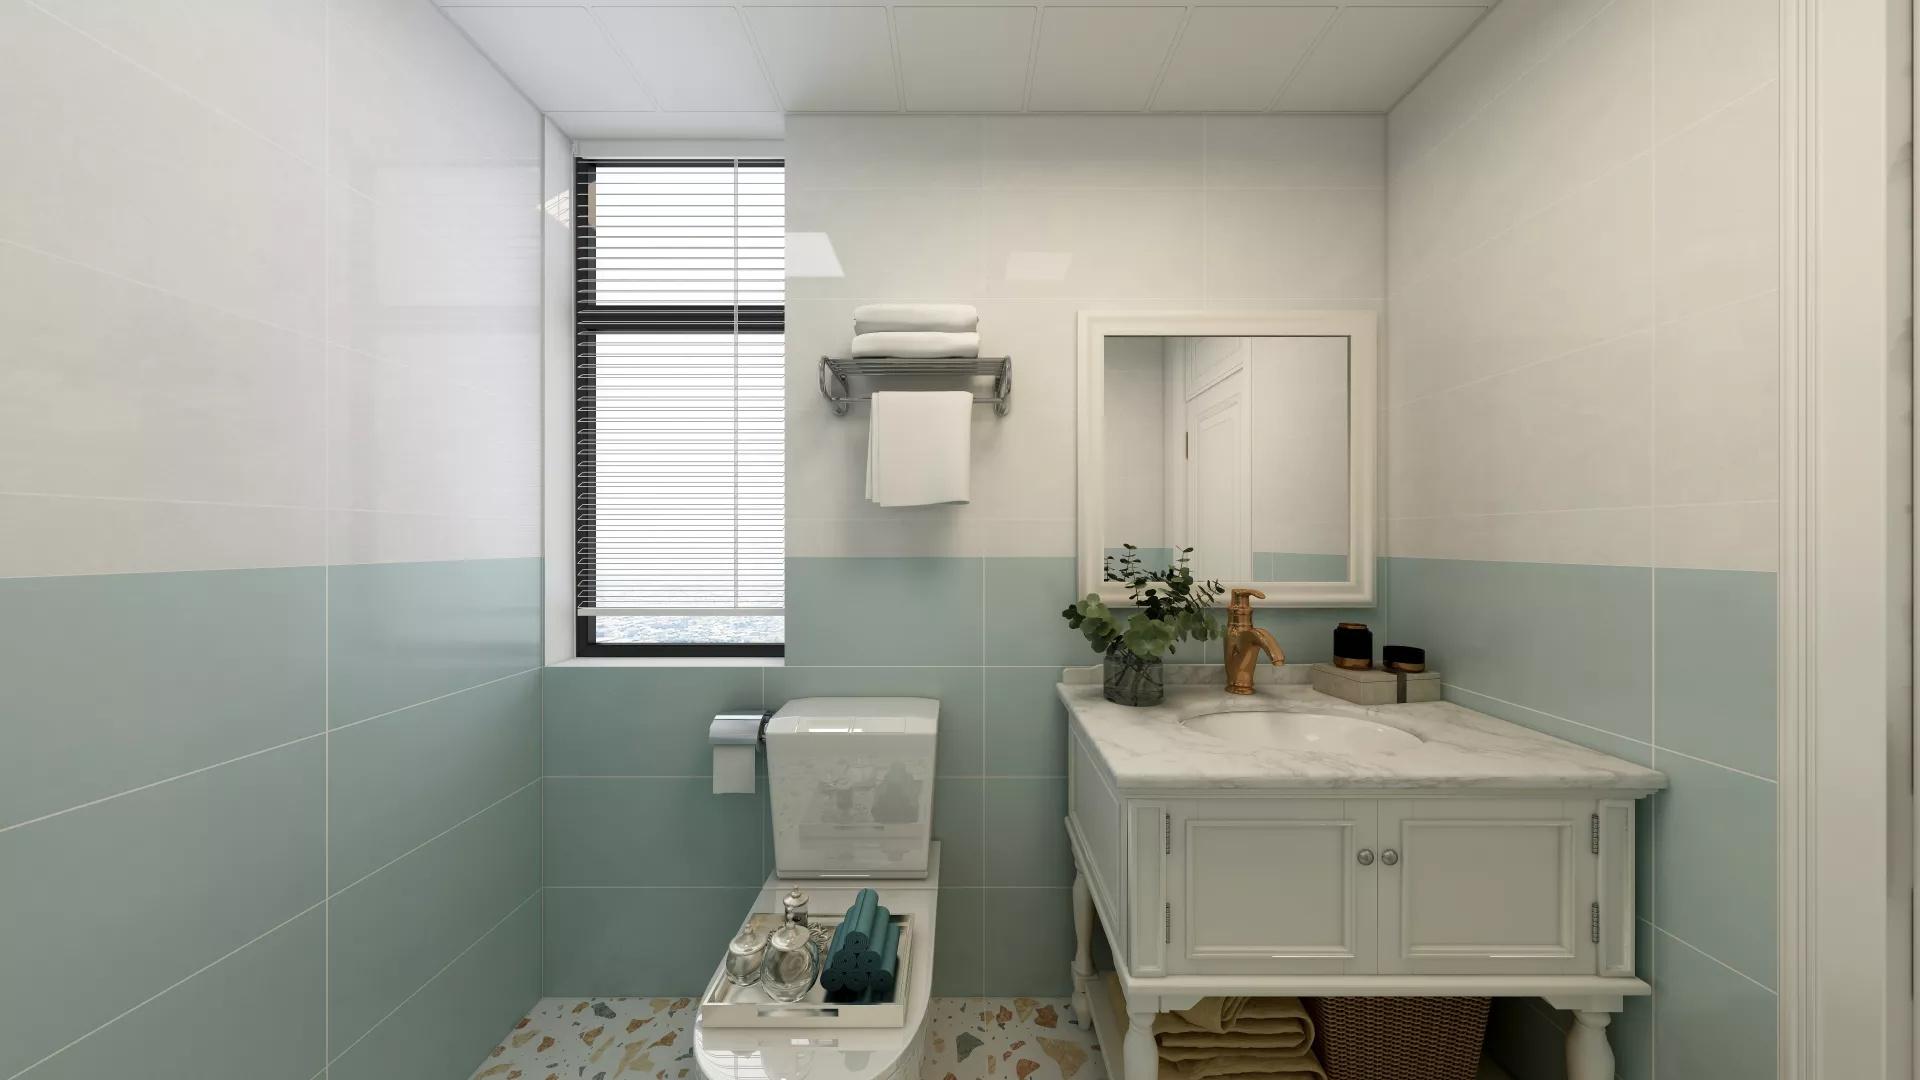 防水壁纸选购要点 防水壁纸优缺点是什么